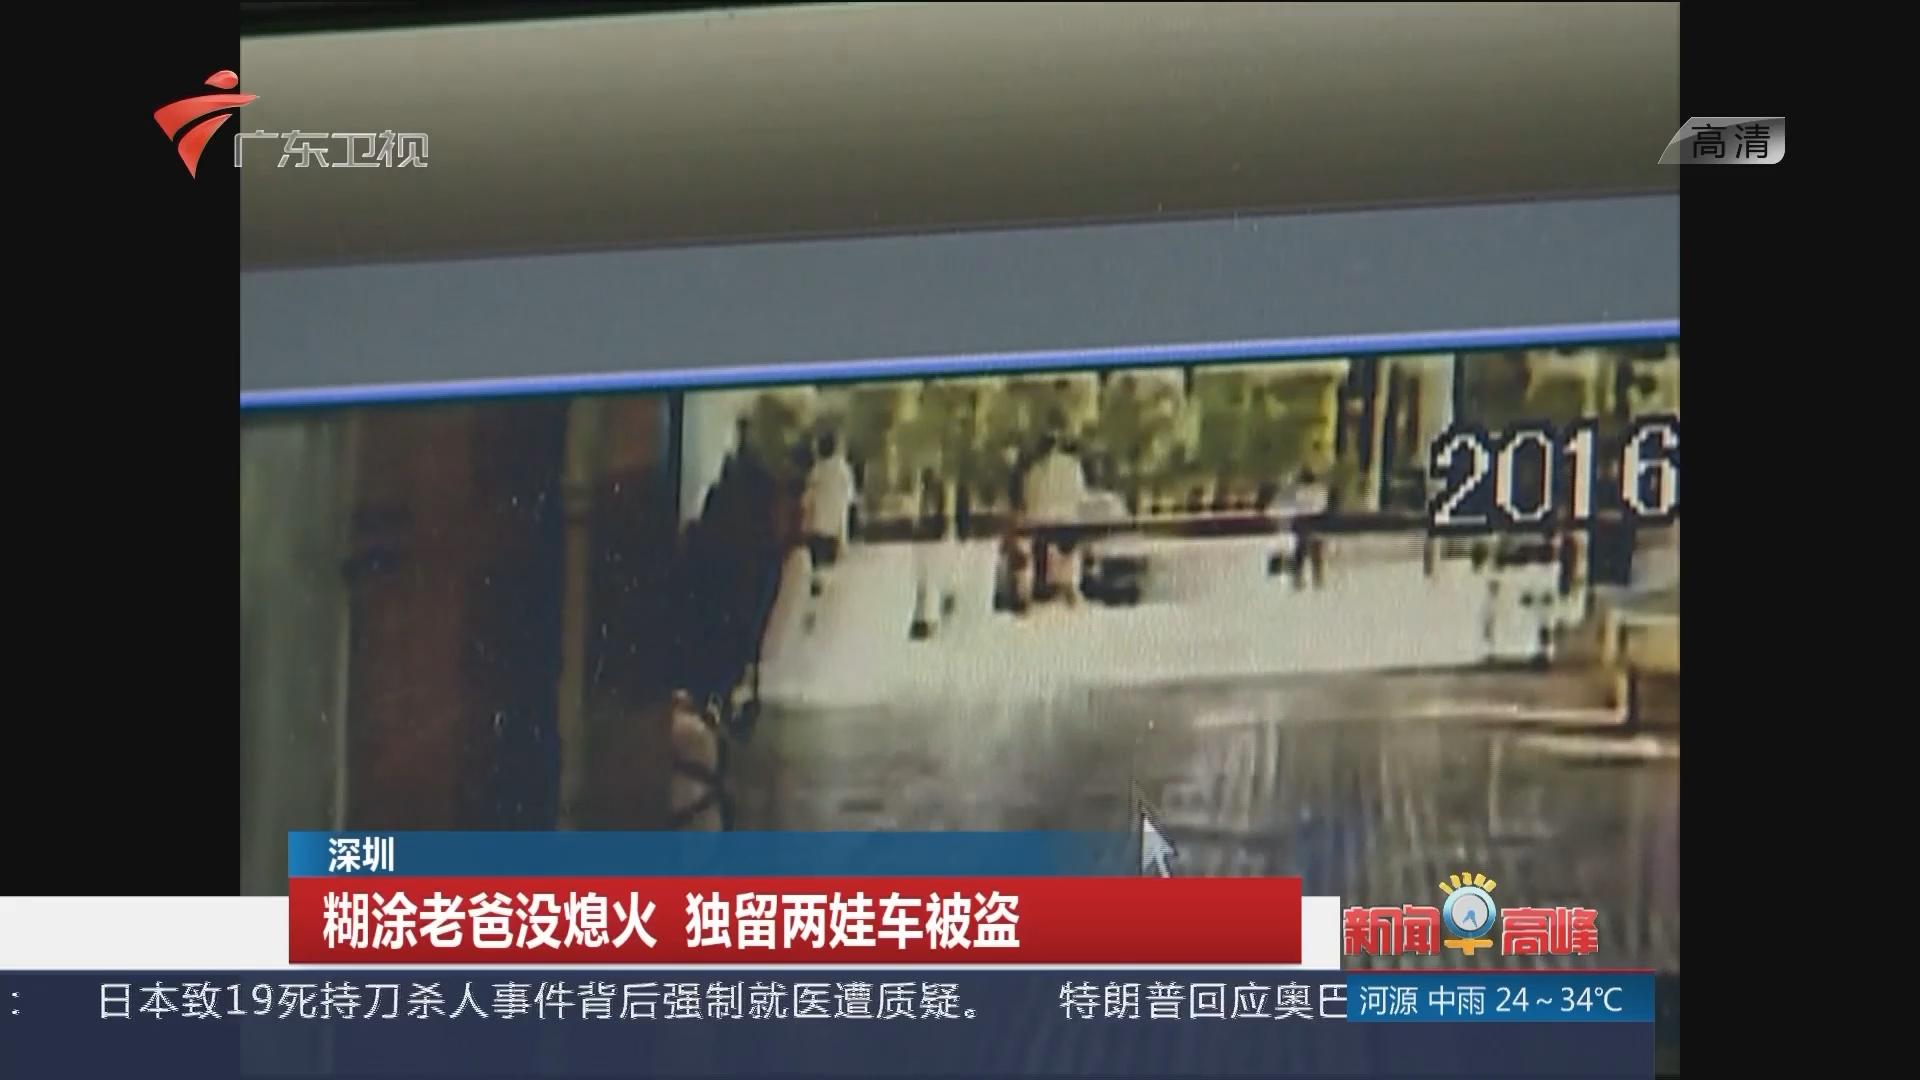 深圳:糊涂老爸没熄火 独留两娃车被盗